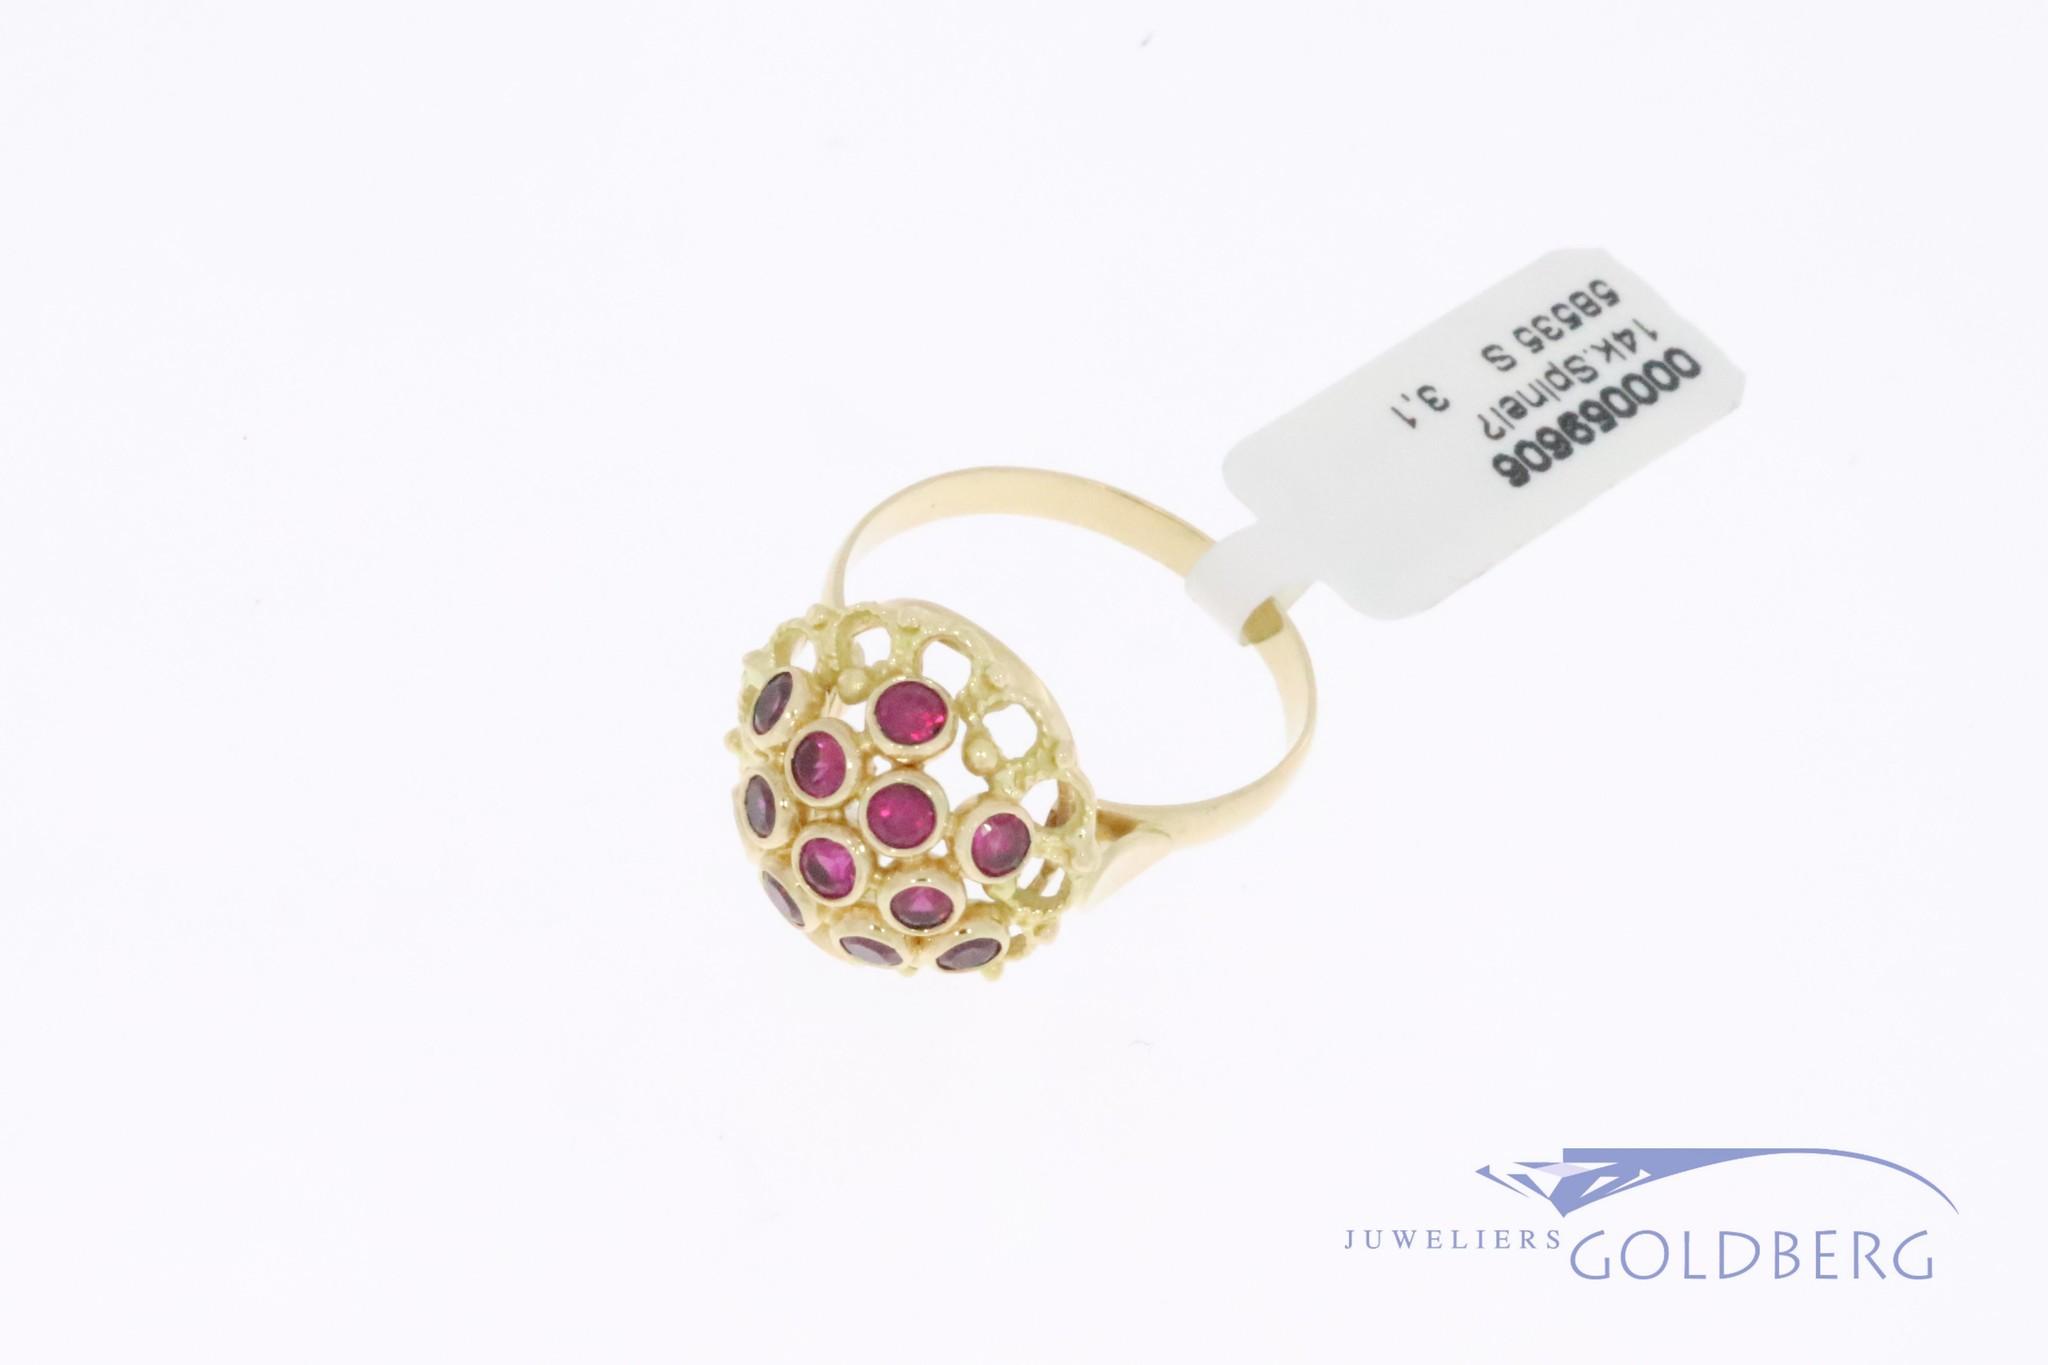 14k gouden vintage fantasie rozet ring met synthetische robijntjes